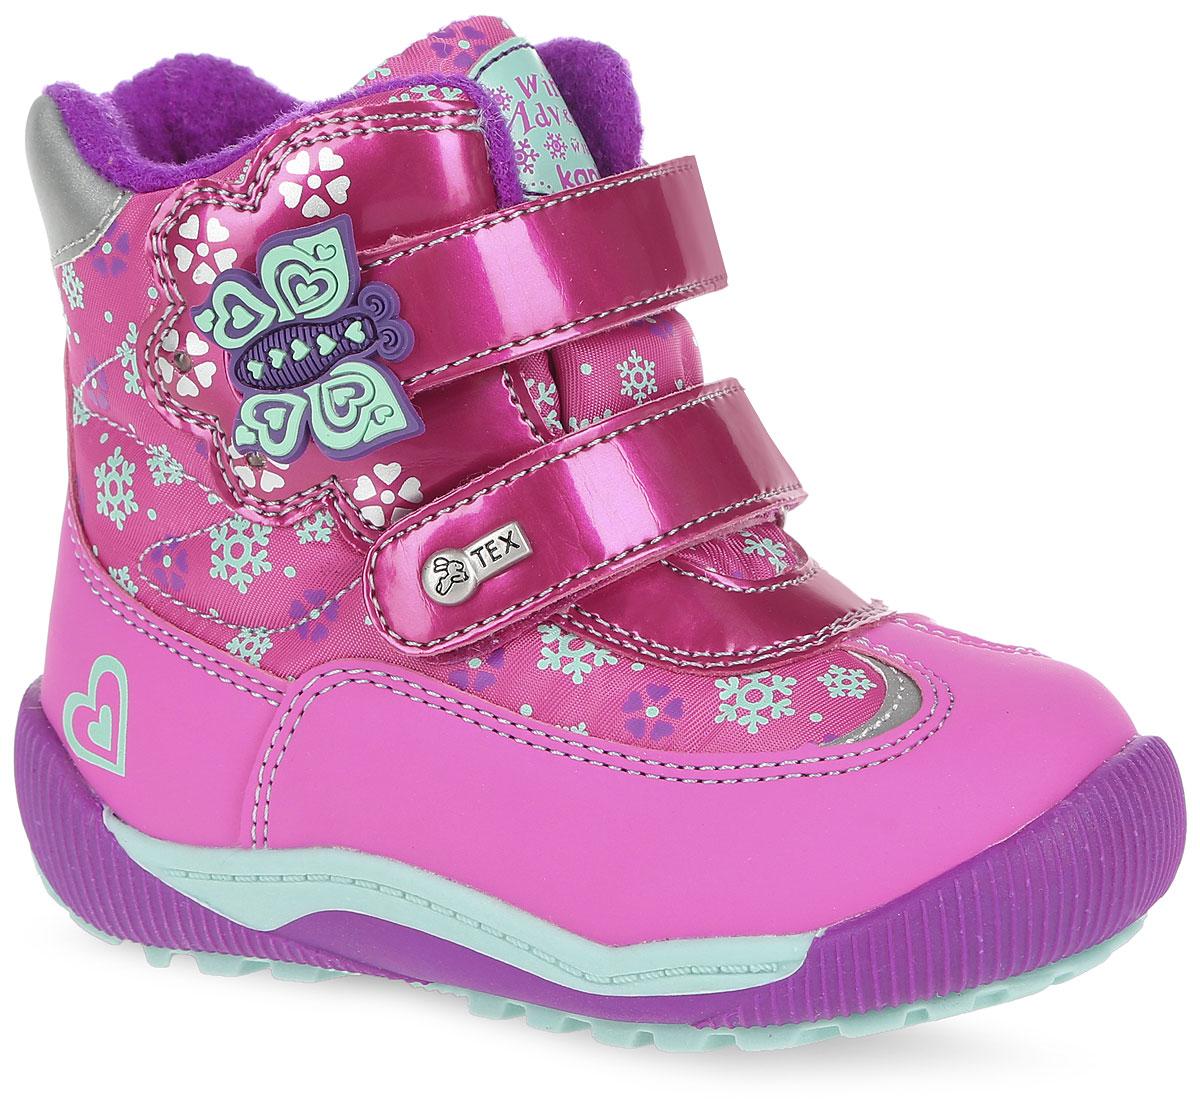 Ботинки для девочки. 41154-241154-2Удобные высокие ботинки от Kapika придутся по душе вашей дочурке! Модель изготовлена из искусственной кожи и плотного текстиля с применением мембраны. Мембранная обувь называется дышащей, защищает от влаги, своевременно отводит естественные испарения тела и сохраняет комфортный микроклимат при ношении. Изделие оформлено принтом с изображением снежинок и цветов, прострочкой, на язычке - фирменной нашивкой, на ремешках - объёмной аппликацией из ПВХ виде бабочки и металлическим элементом логотипа бренда. Два ремешка на застежках-липучках надежно фиксируют изделие на ноге. Мягкая подкладка и стелька исполненные из текстиля, на 80% состоящего из натурального овечьего шерстяного меха, обеспечивают тепло и надежно защищают от холода. Рифление на подошве гарантирует идеальное сцепление с любыми поверхностями. Стильные ботинки займут достойное место в гардеробе вашего ребенка, они идеально подойдут для теплой зимы, а также поздней осени и ранней весны.